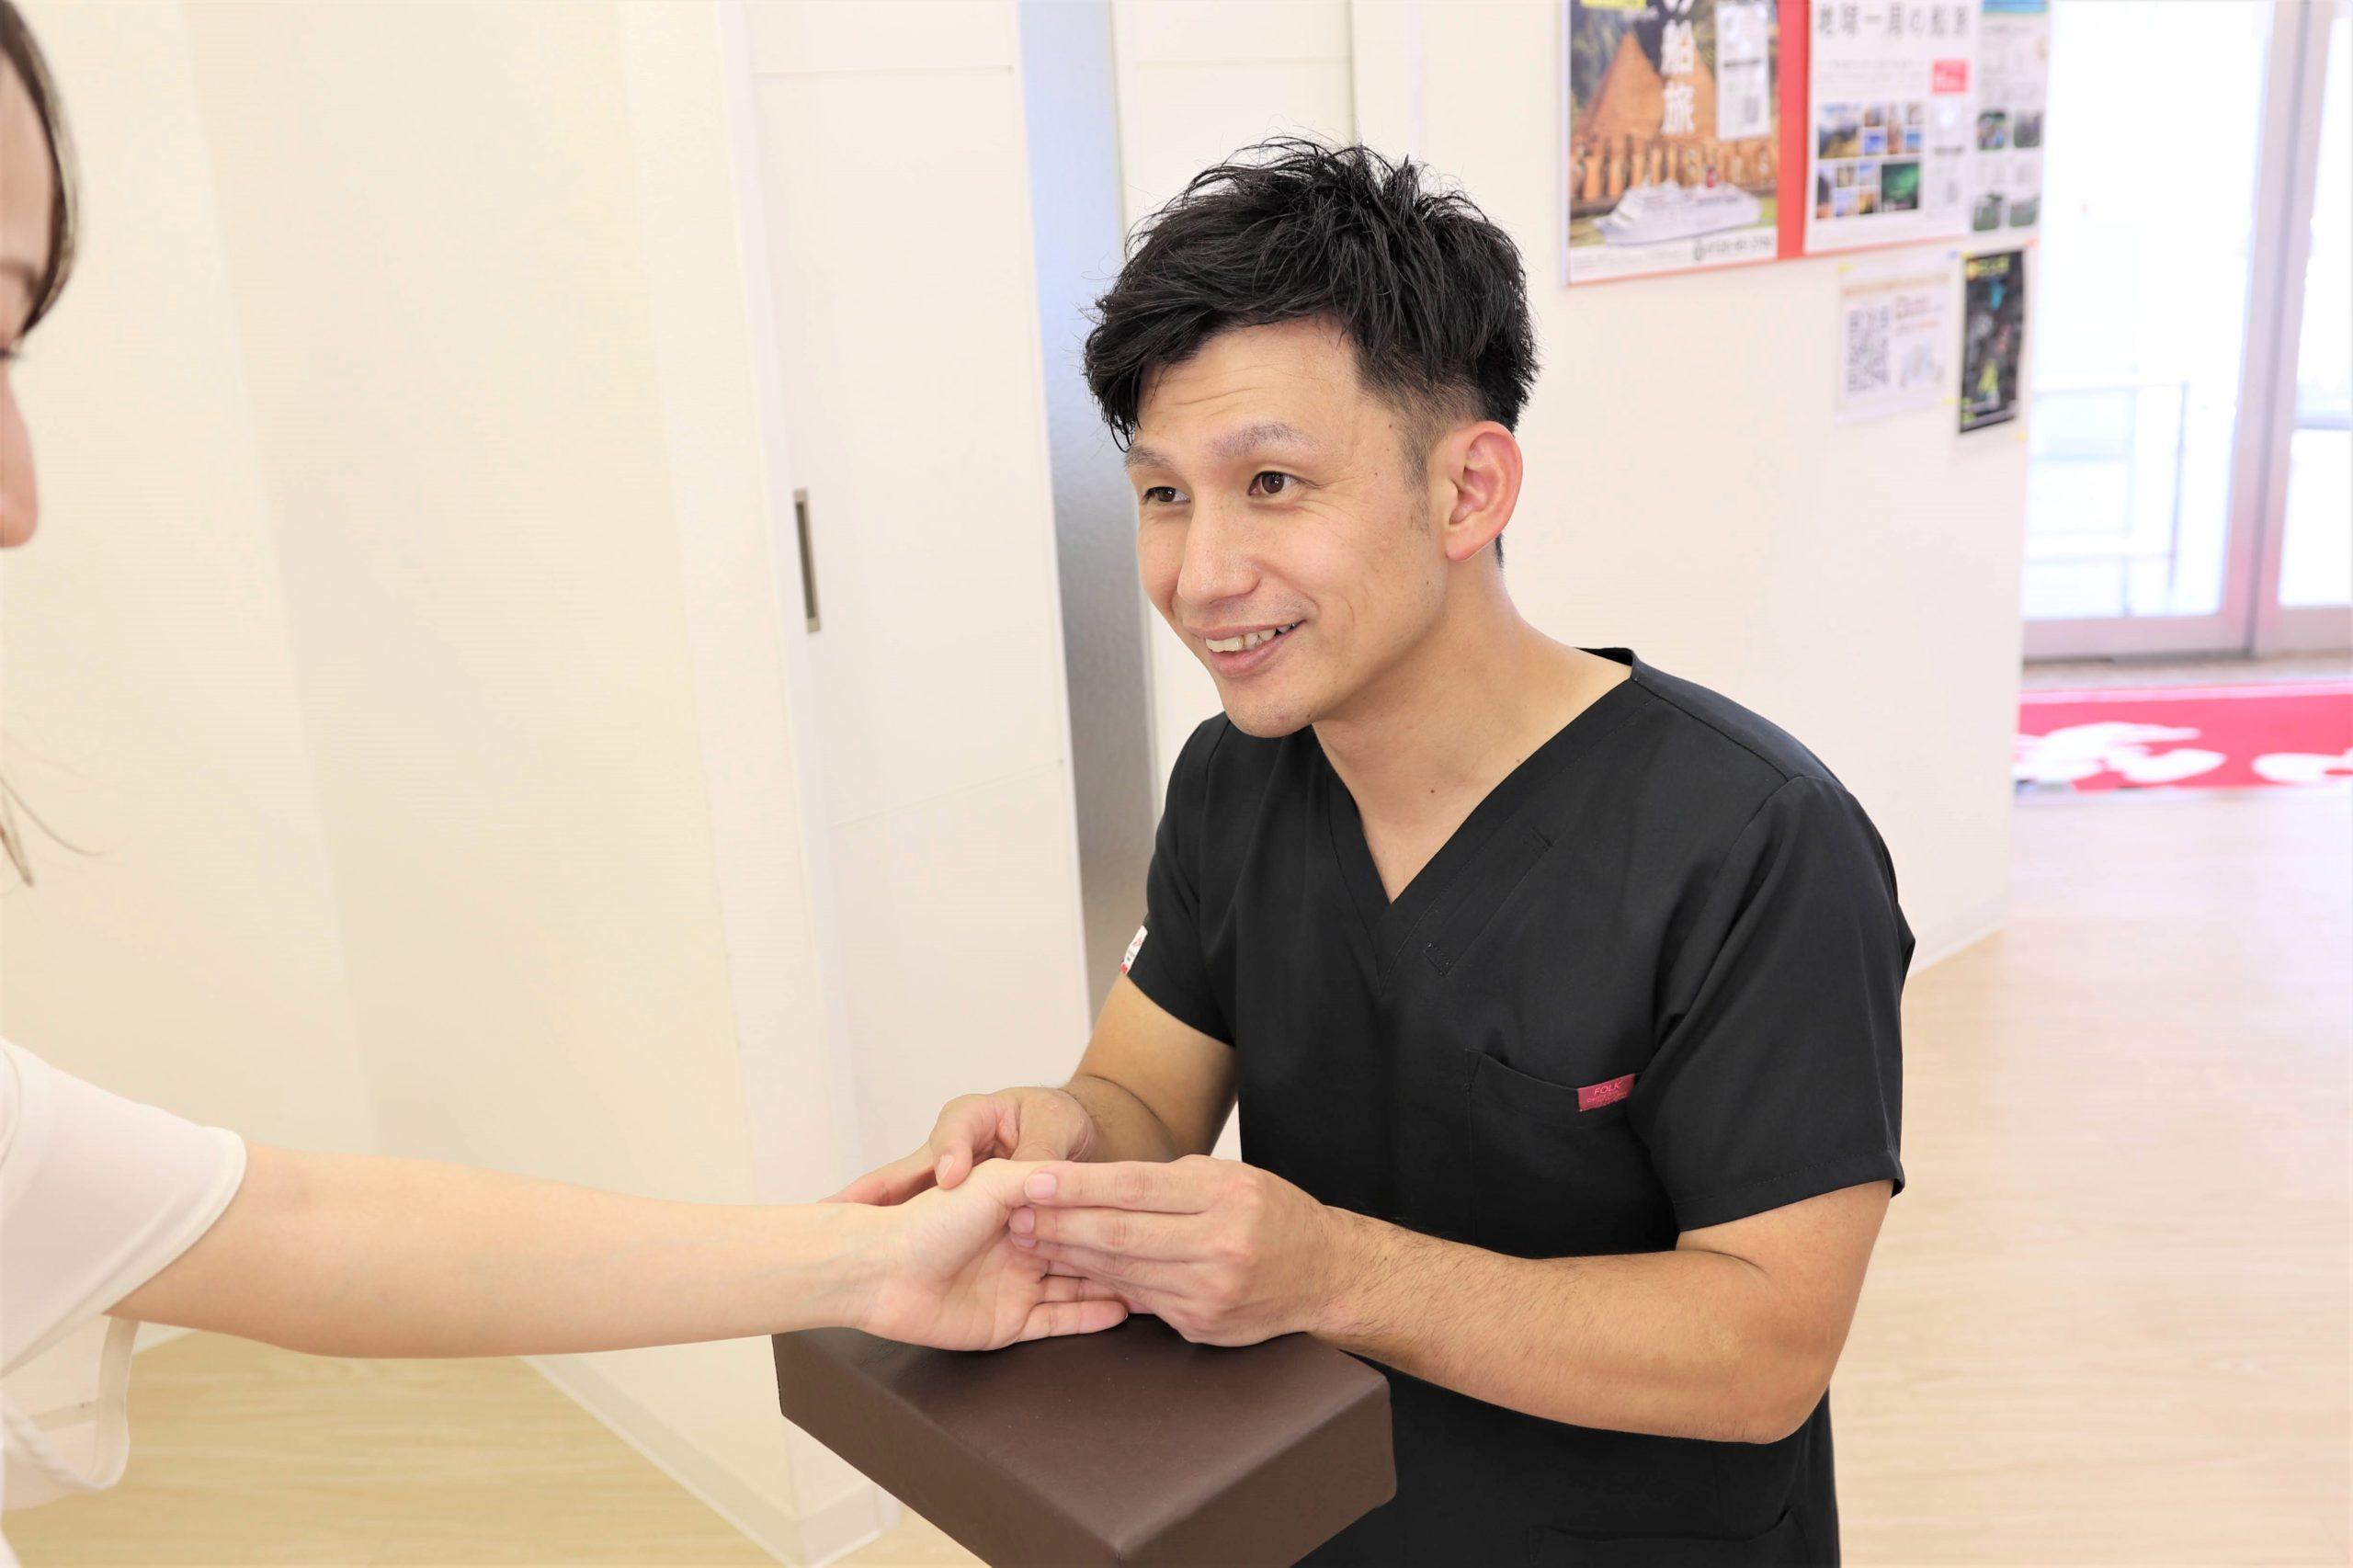 むさし鍼灸整骨院のばね指の施術写真